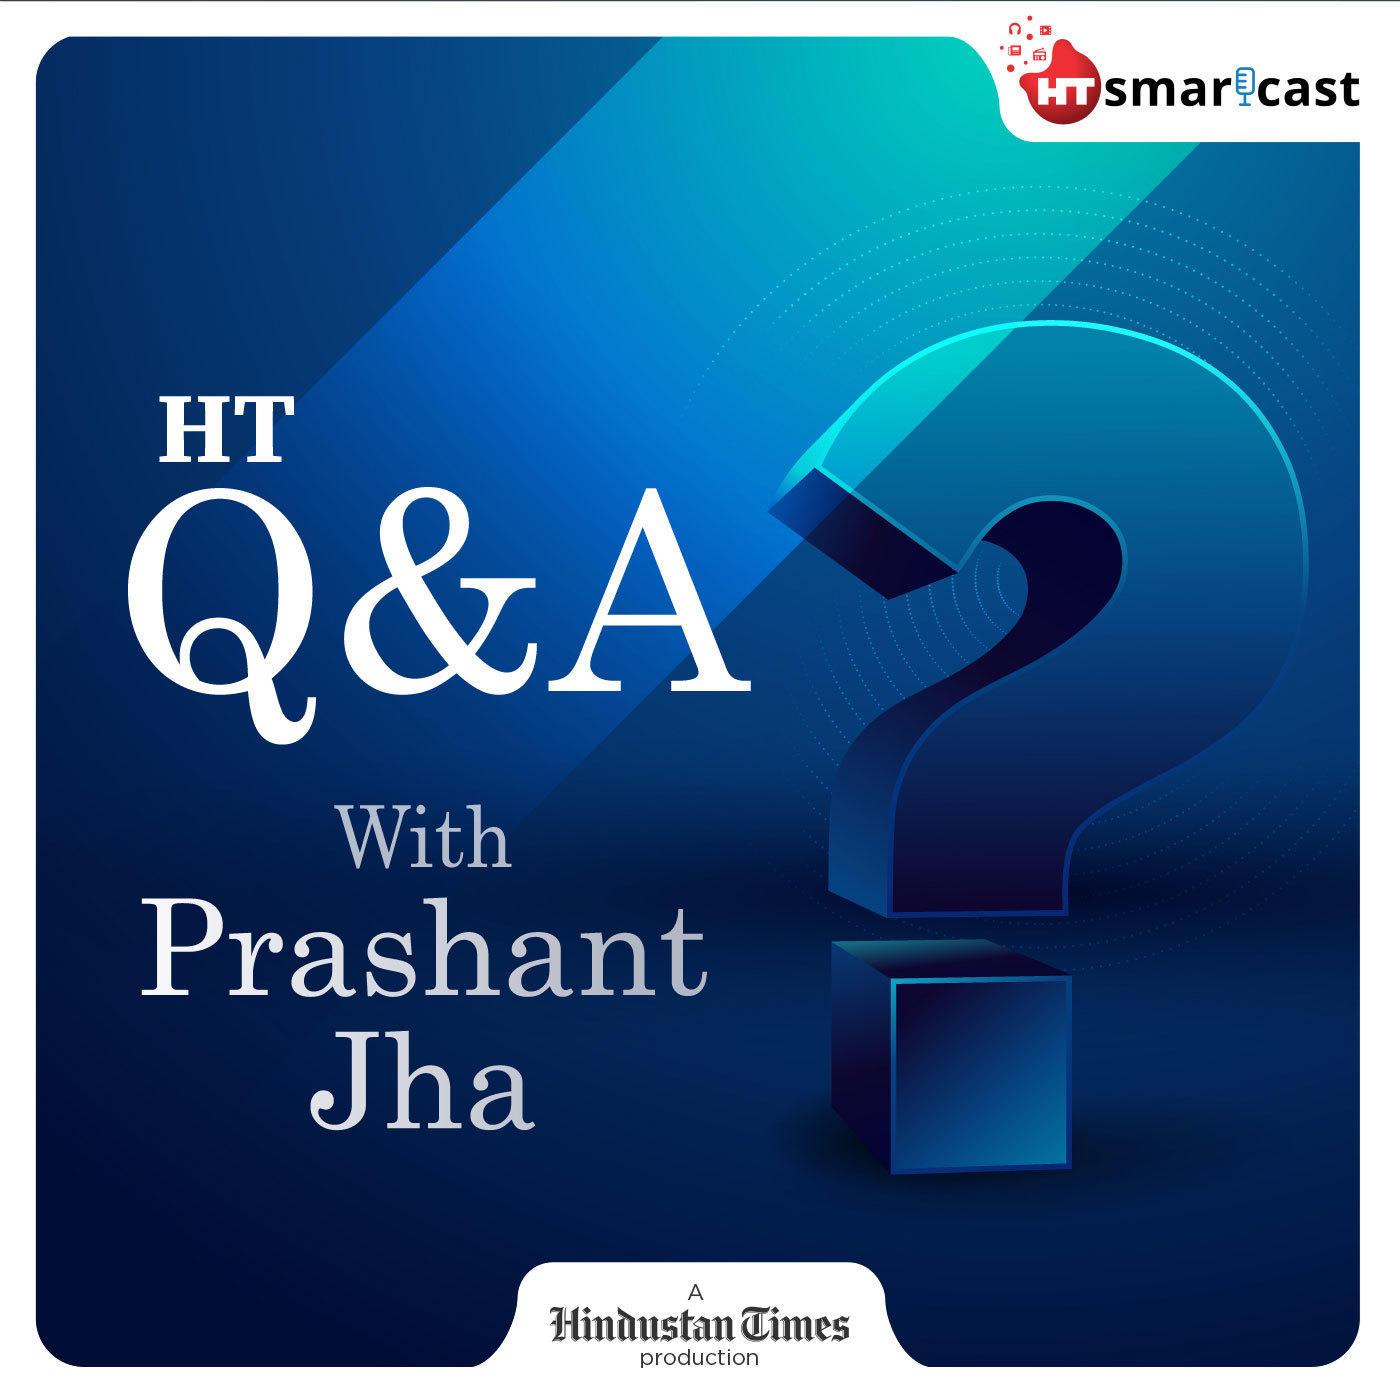 HT Q&A